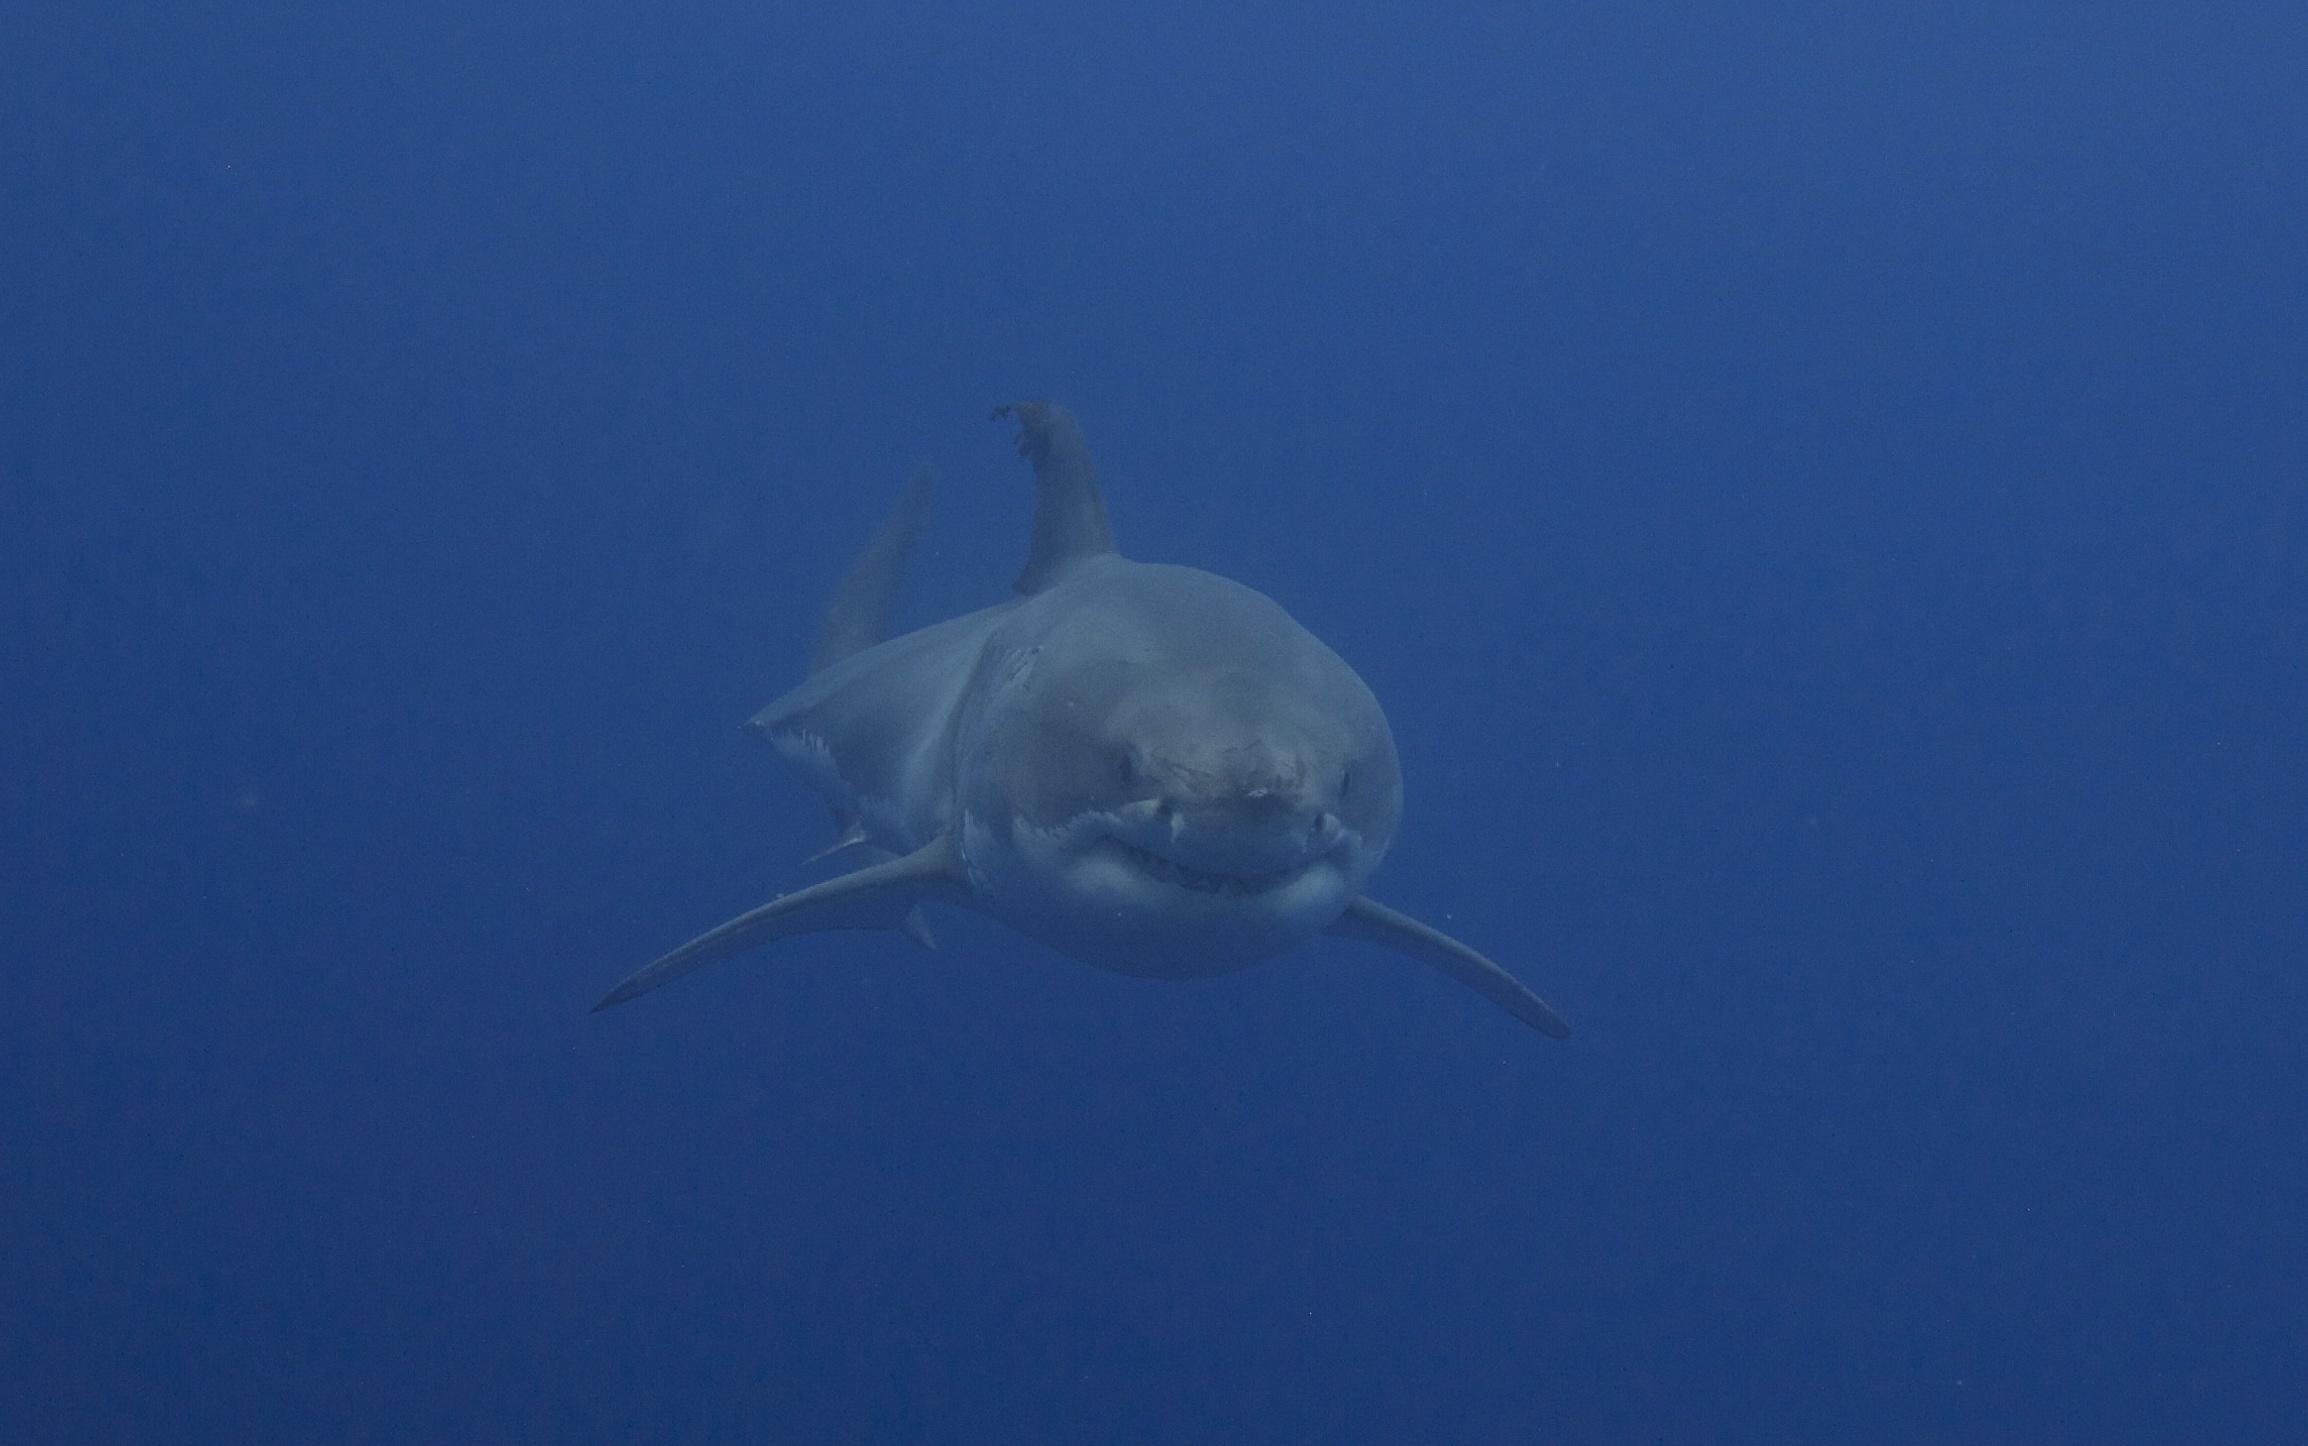 Nukumi, l'un des plus gros requins connus, se dirige t-elle vers l'Europe ?